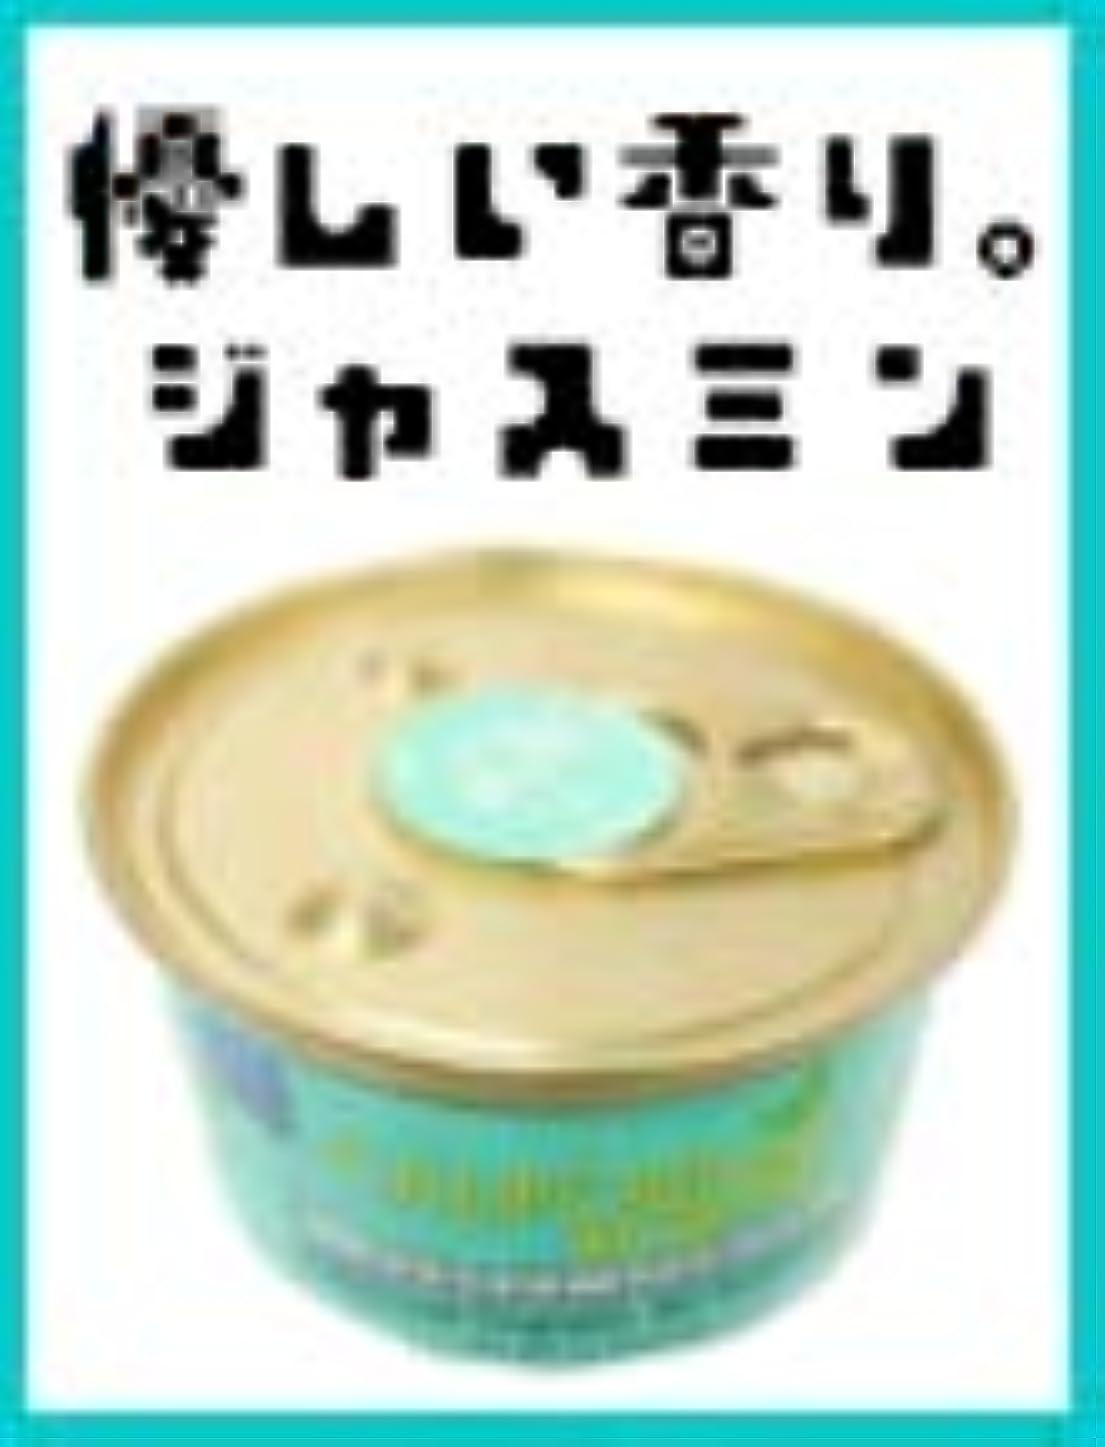 アルミニウム集中ふくろうCALIFORNIA SCENTS DESERT JASMINE カルフォルニアセンツミニ缶 ジャスミン お得12個セット アメリカ製